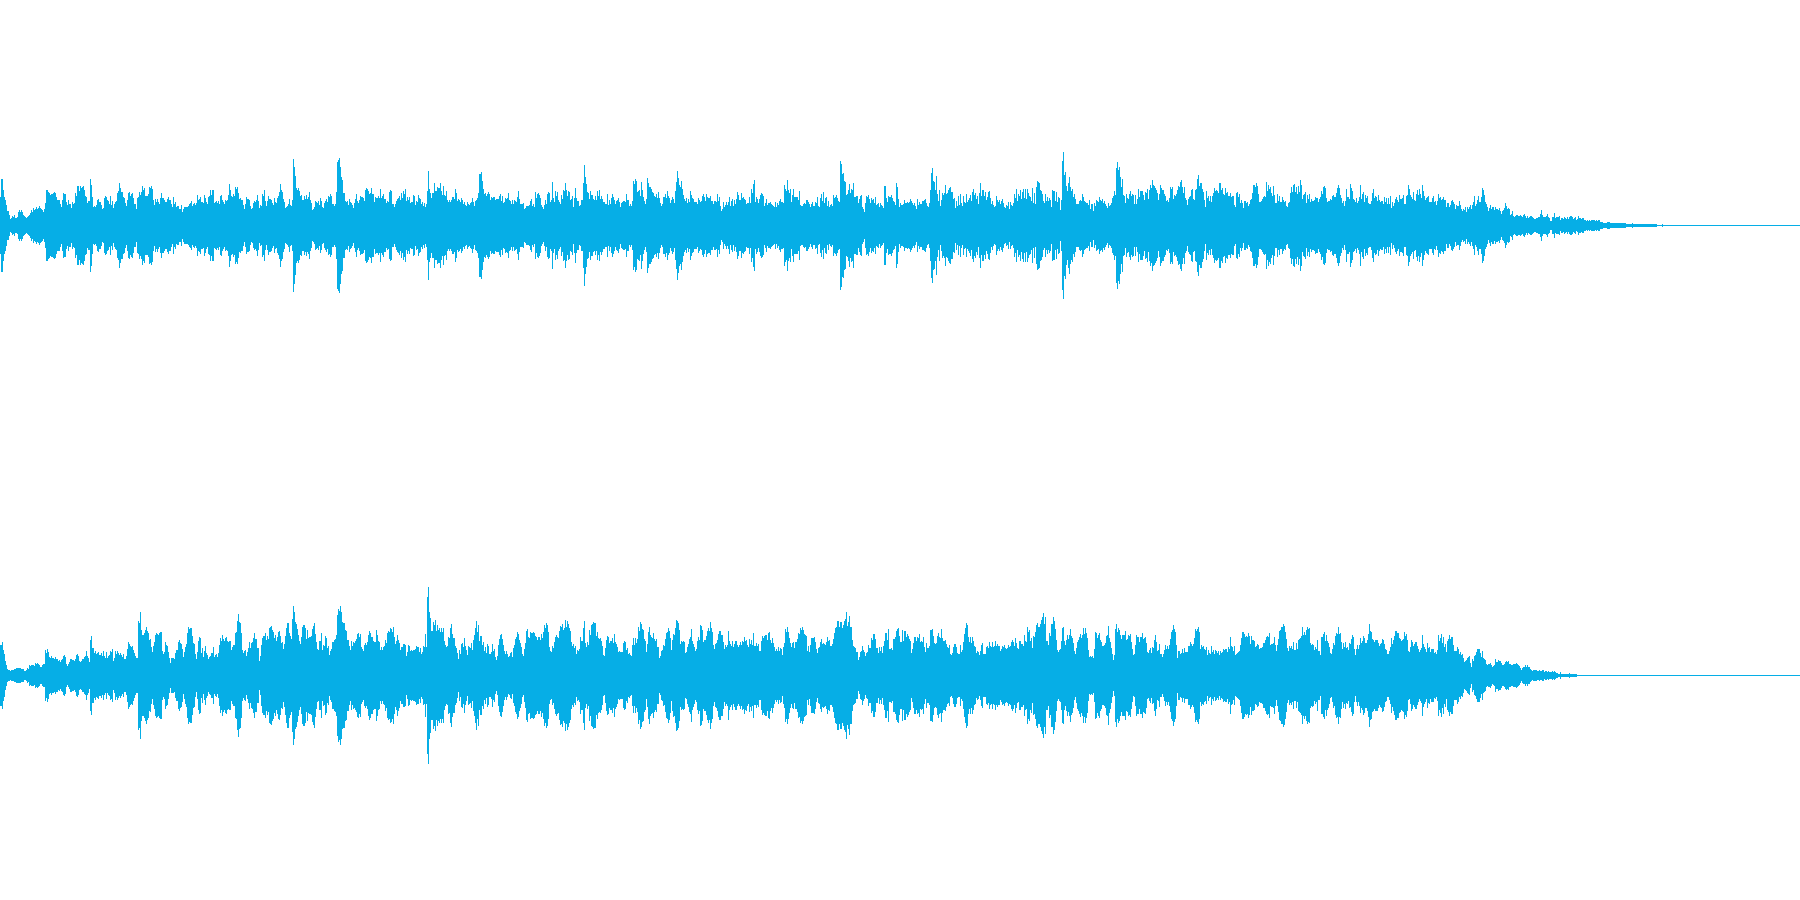 劇伴用の短いアンビエント風効果音の再生済みの波形